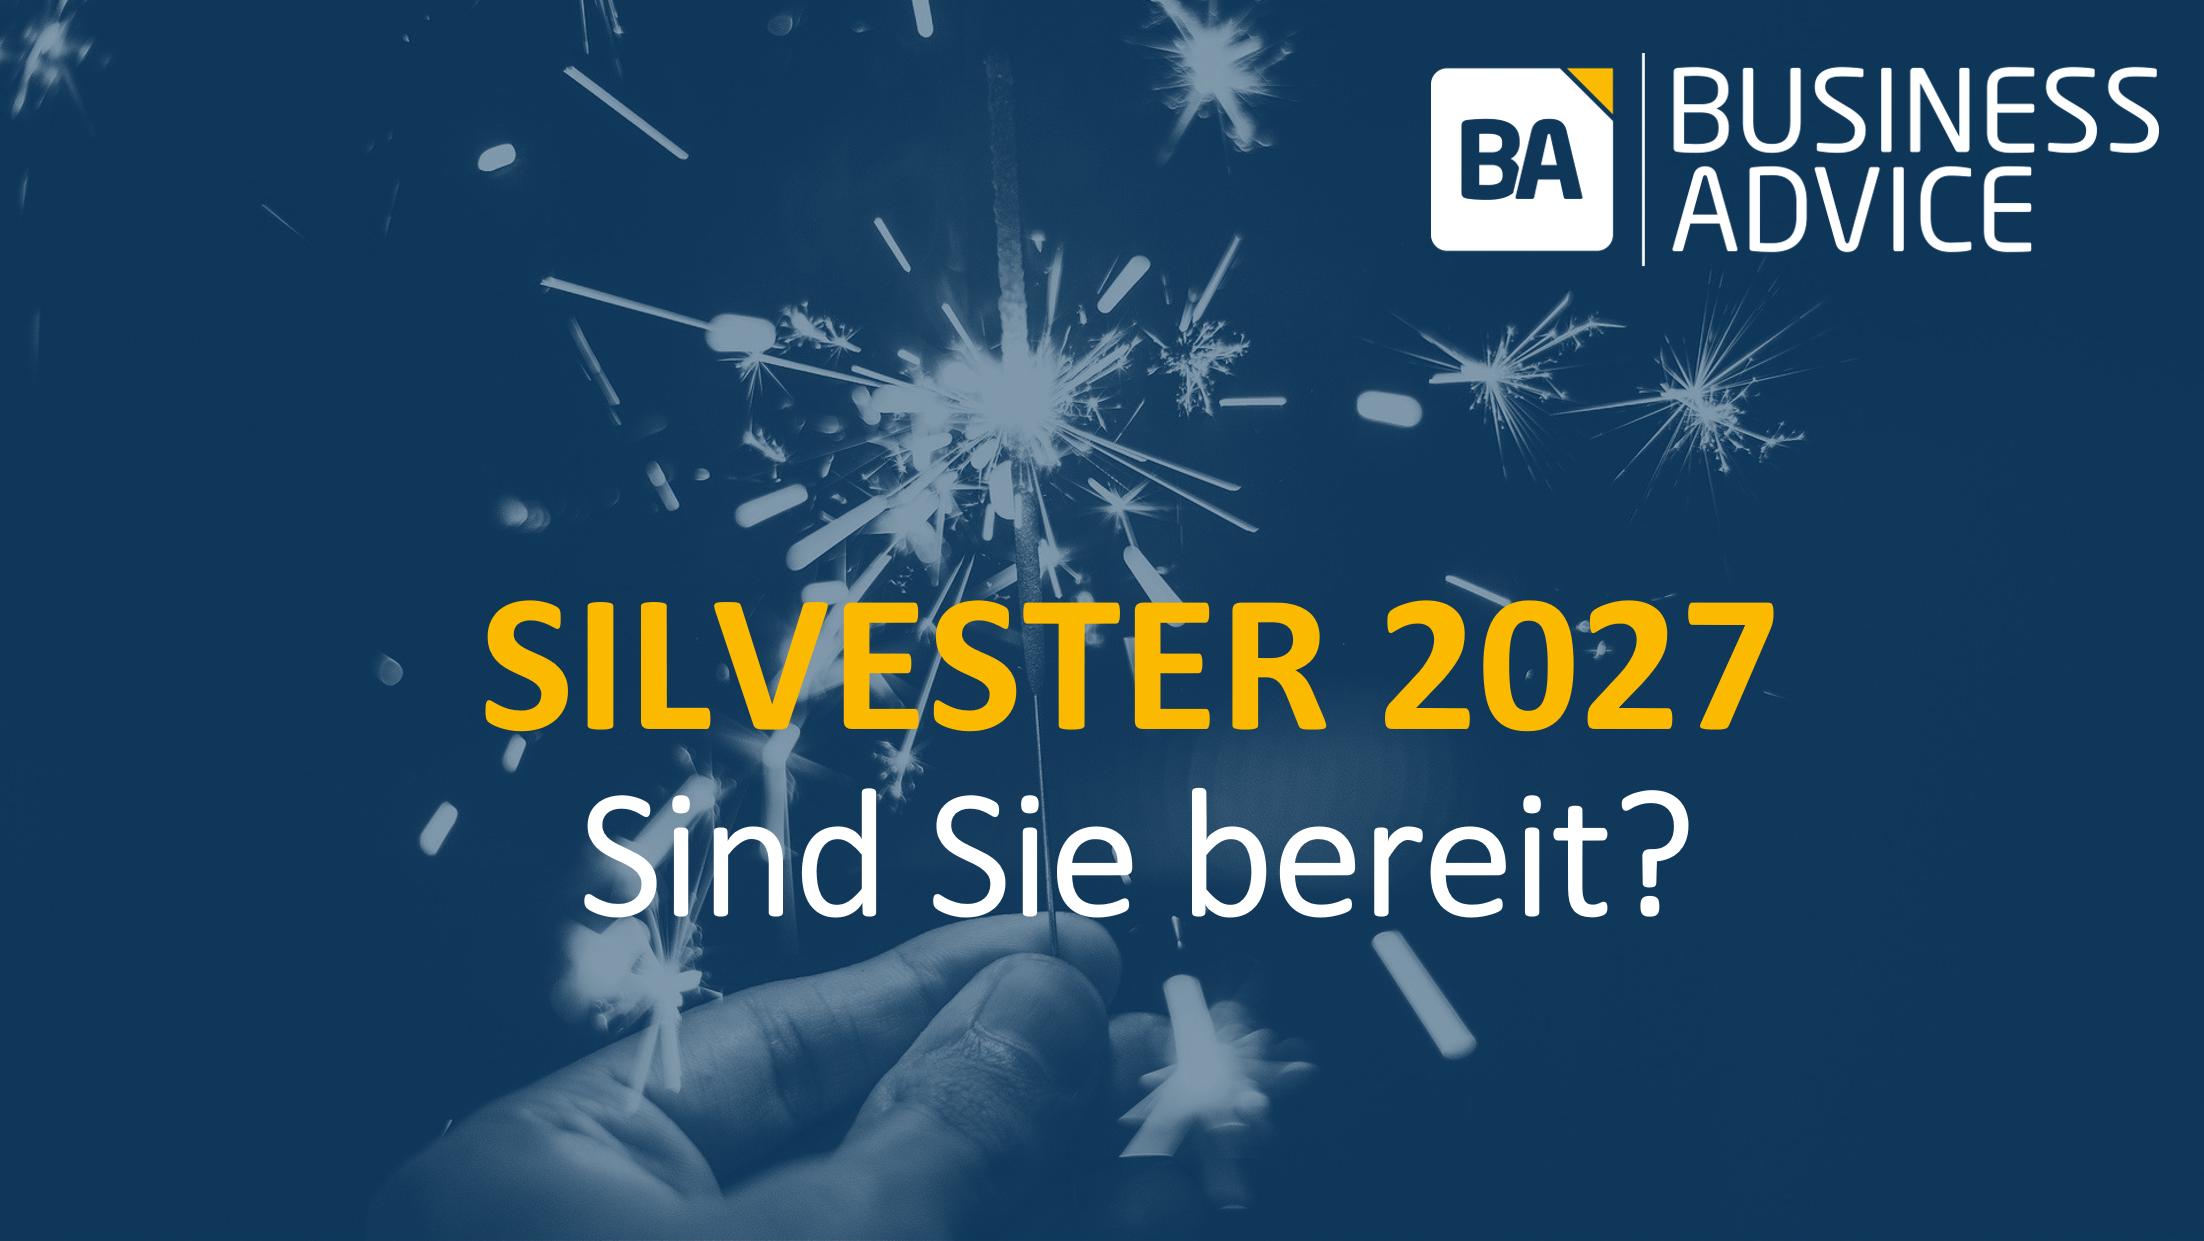 Silvester 2027